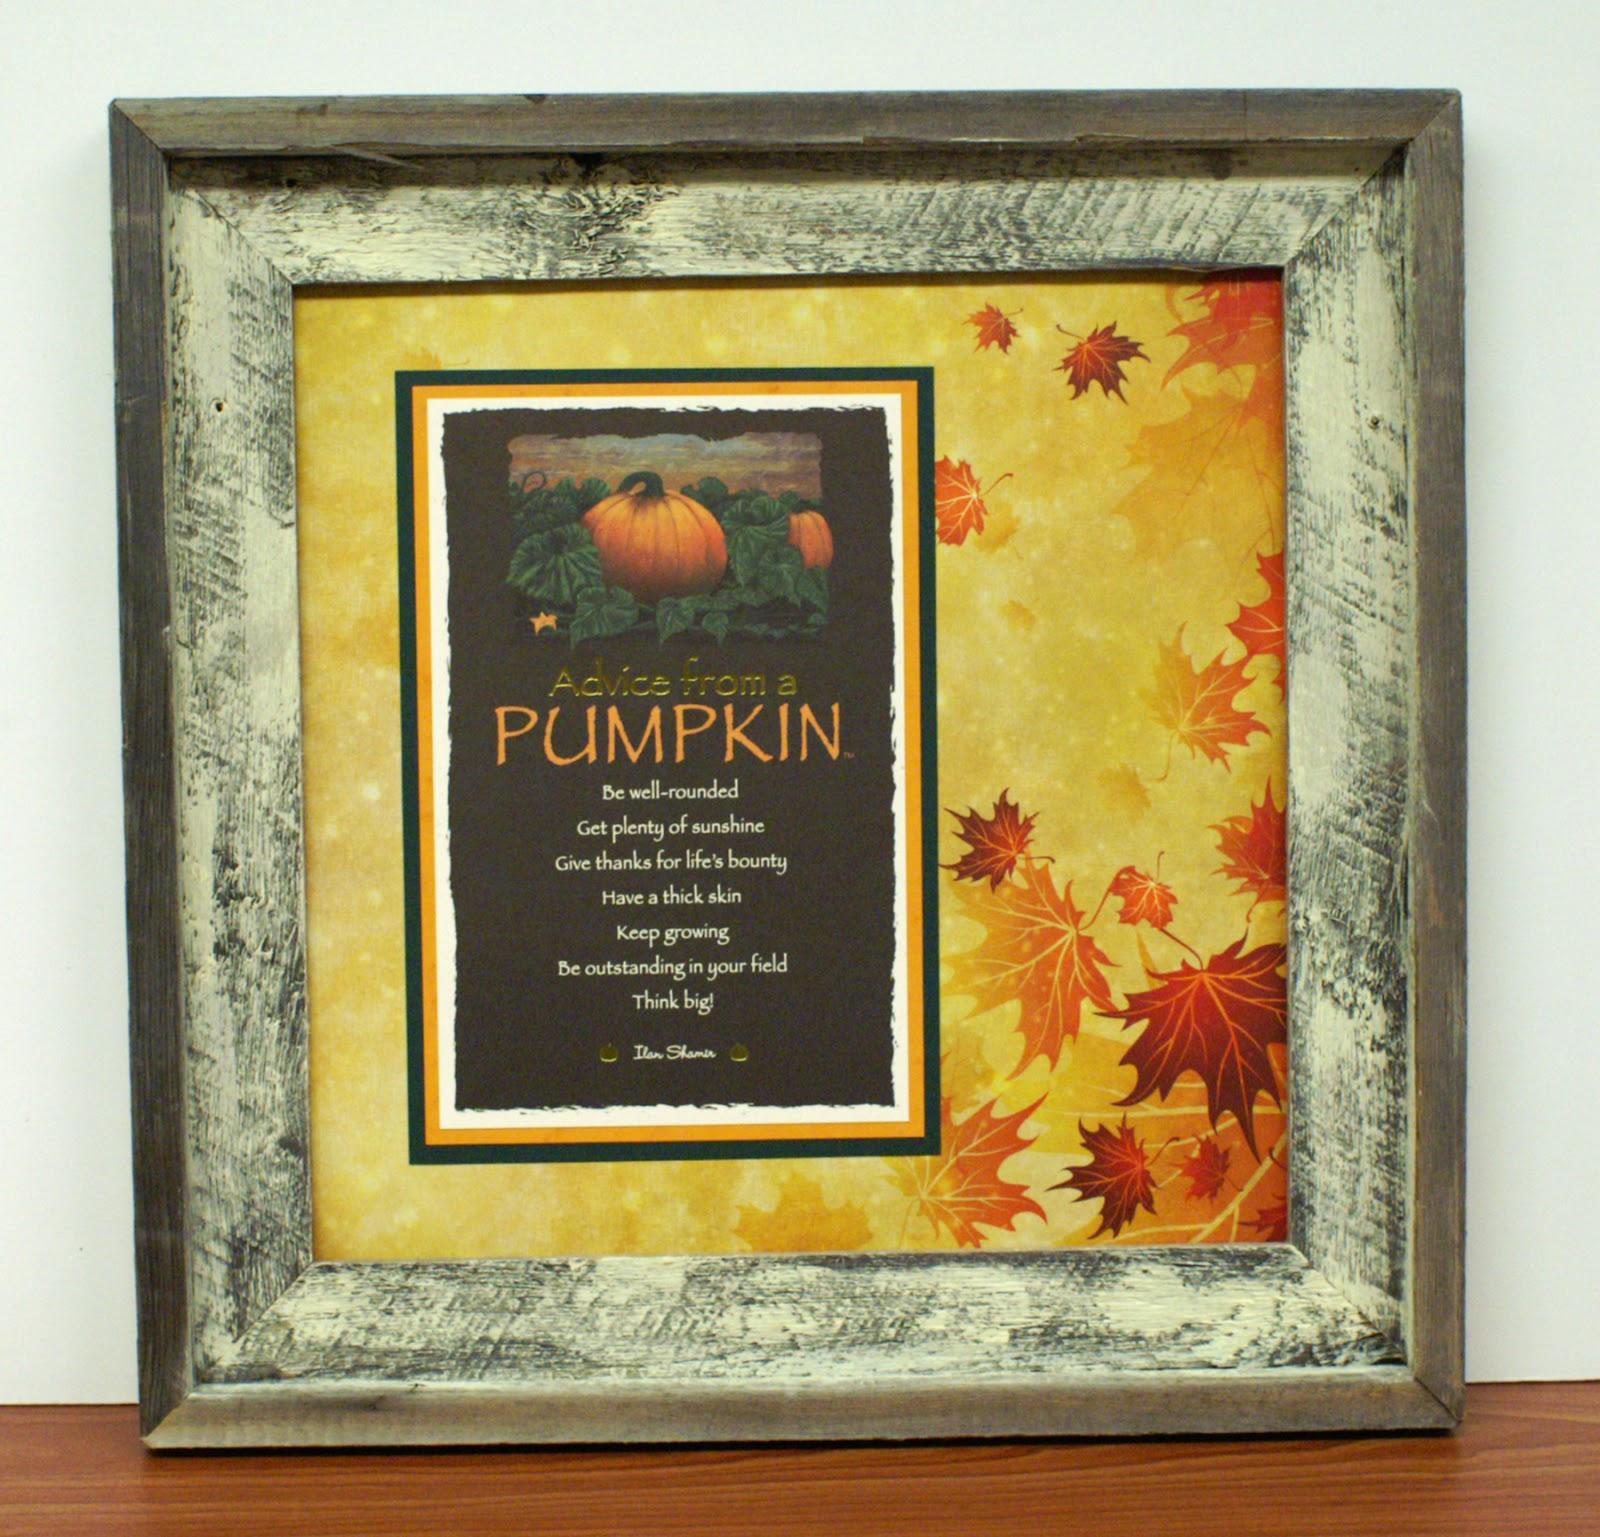 Ben Franklin Crafts and Frame Shop: Advice From a Pumpkin Wall Art